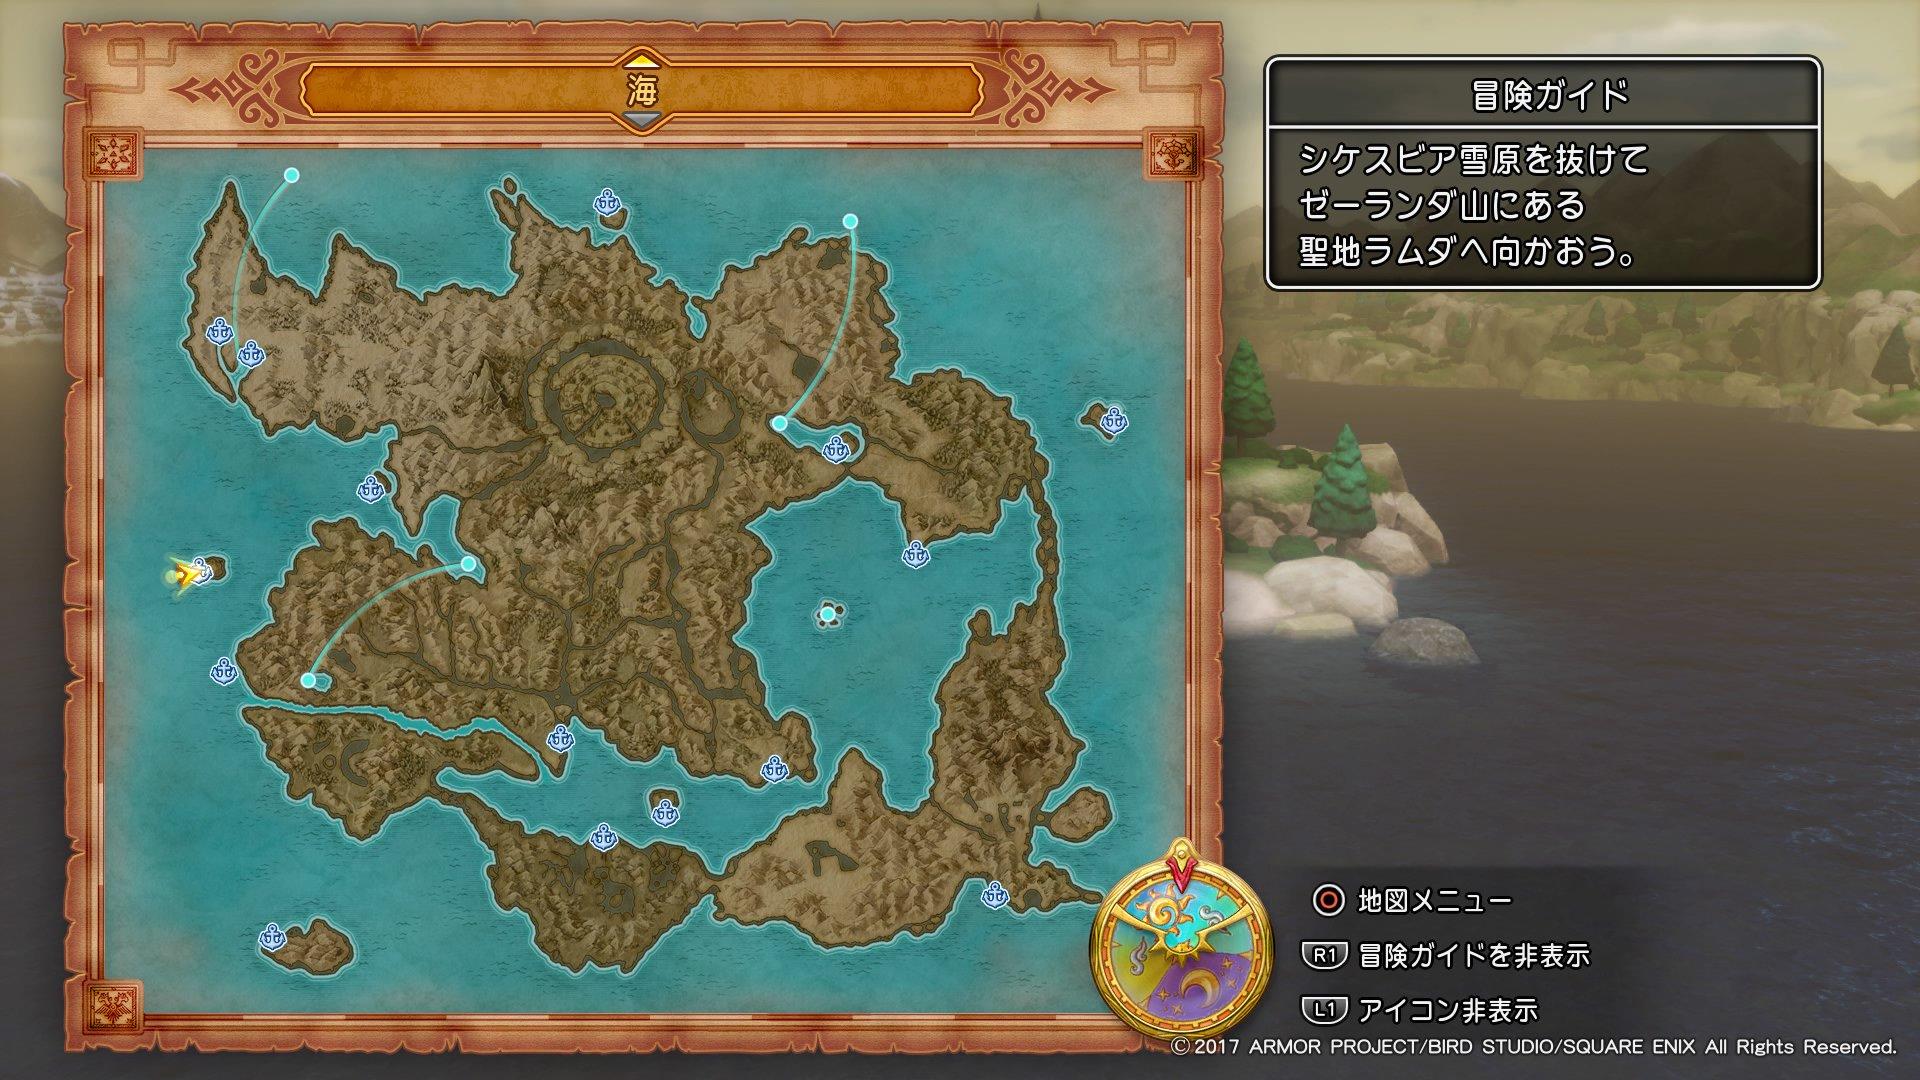 西の果て無人島の場所マップ